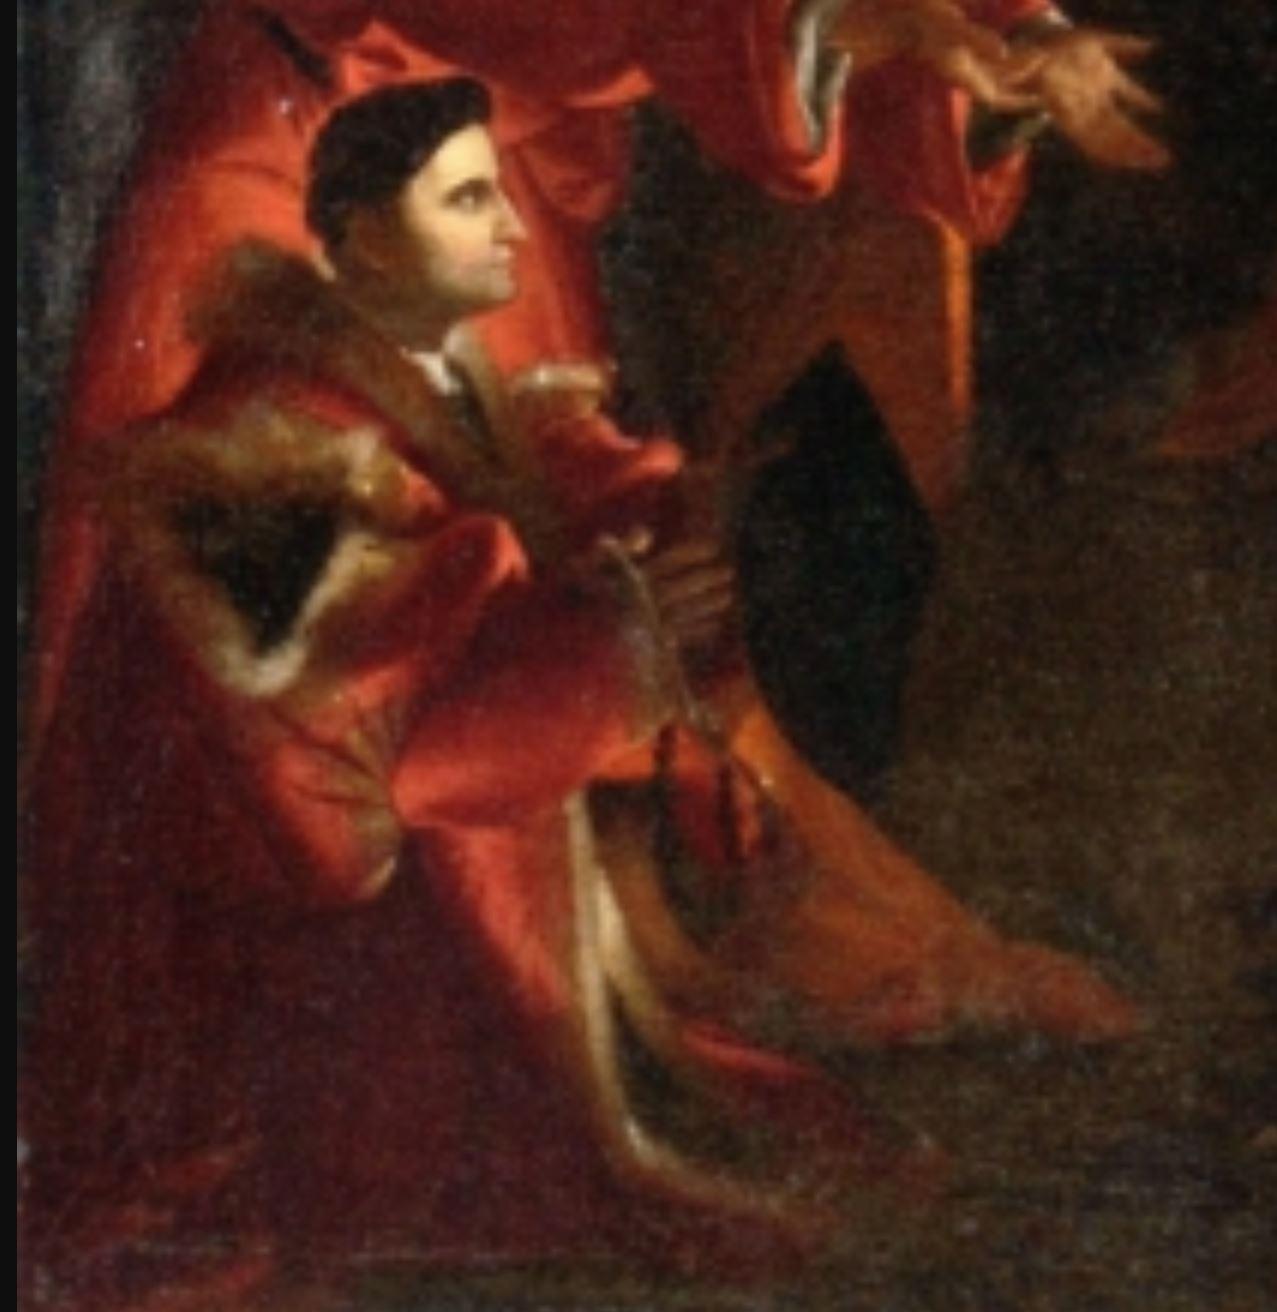 Lotto 1525-29, Nativite avec Domenico Tassi, (copie), Galerie de l'Academie, Venise (132 x 104) detail mari